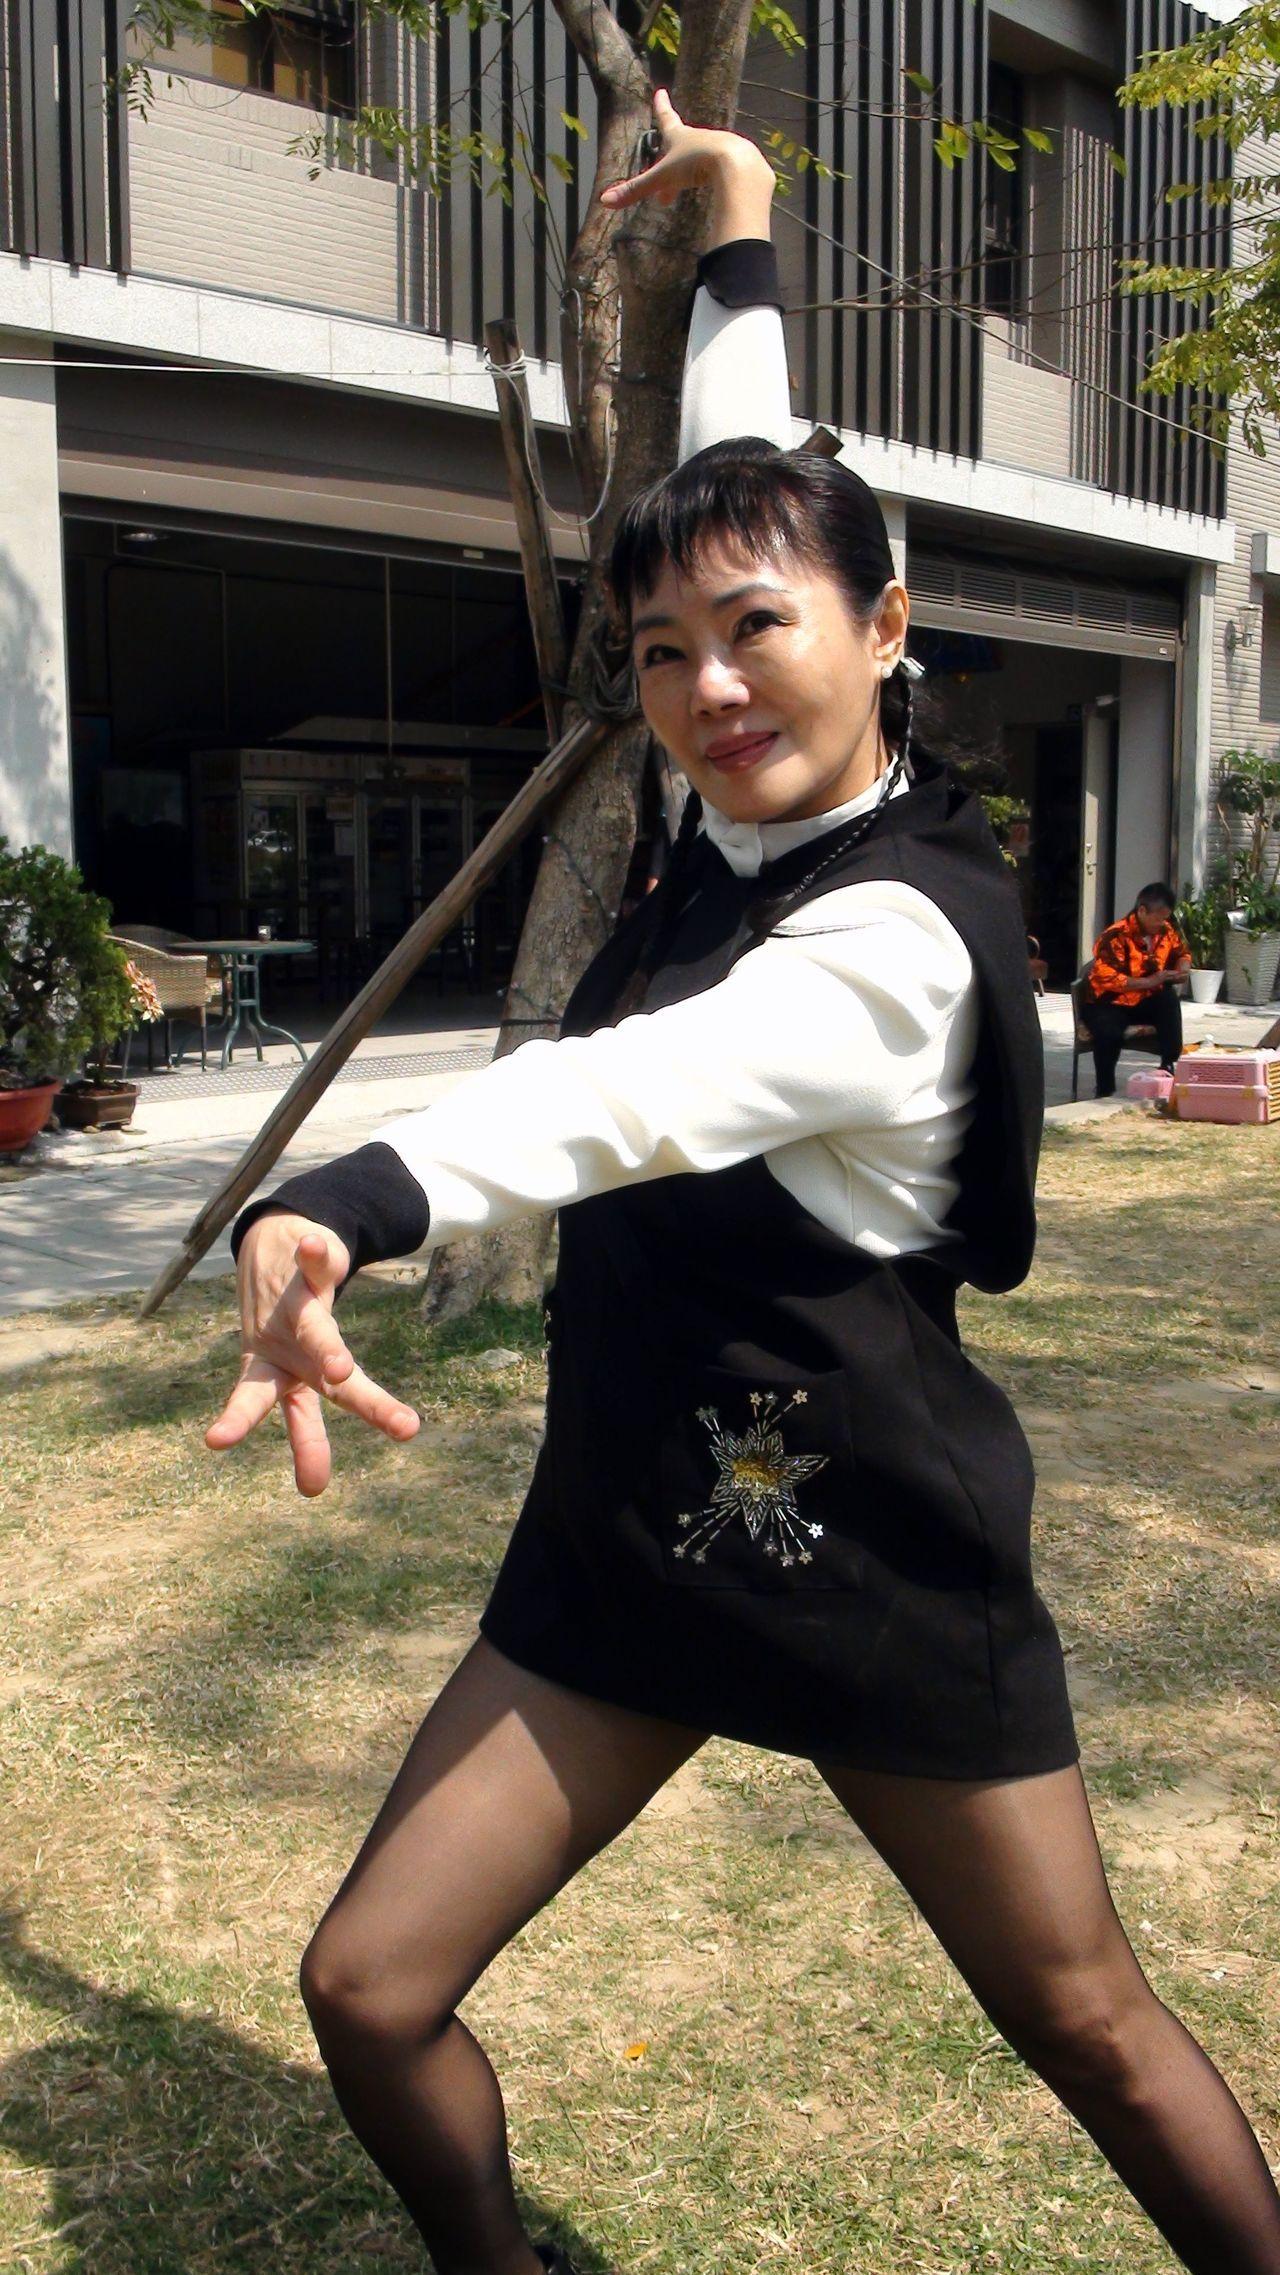 迴旋夢裡的女人許曉丹,如今的身分是畫家。記者王昭月/攝影